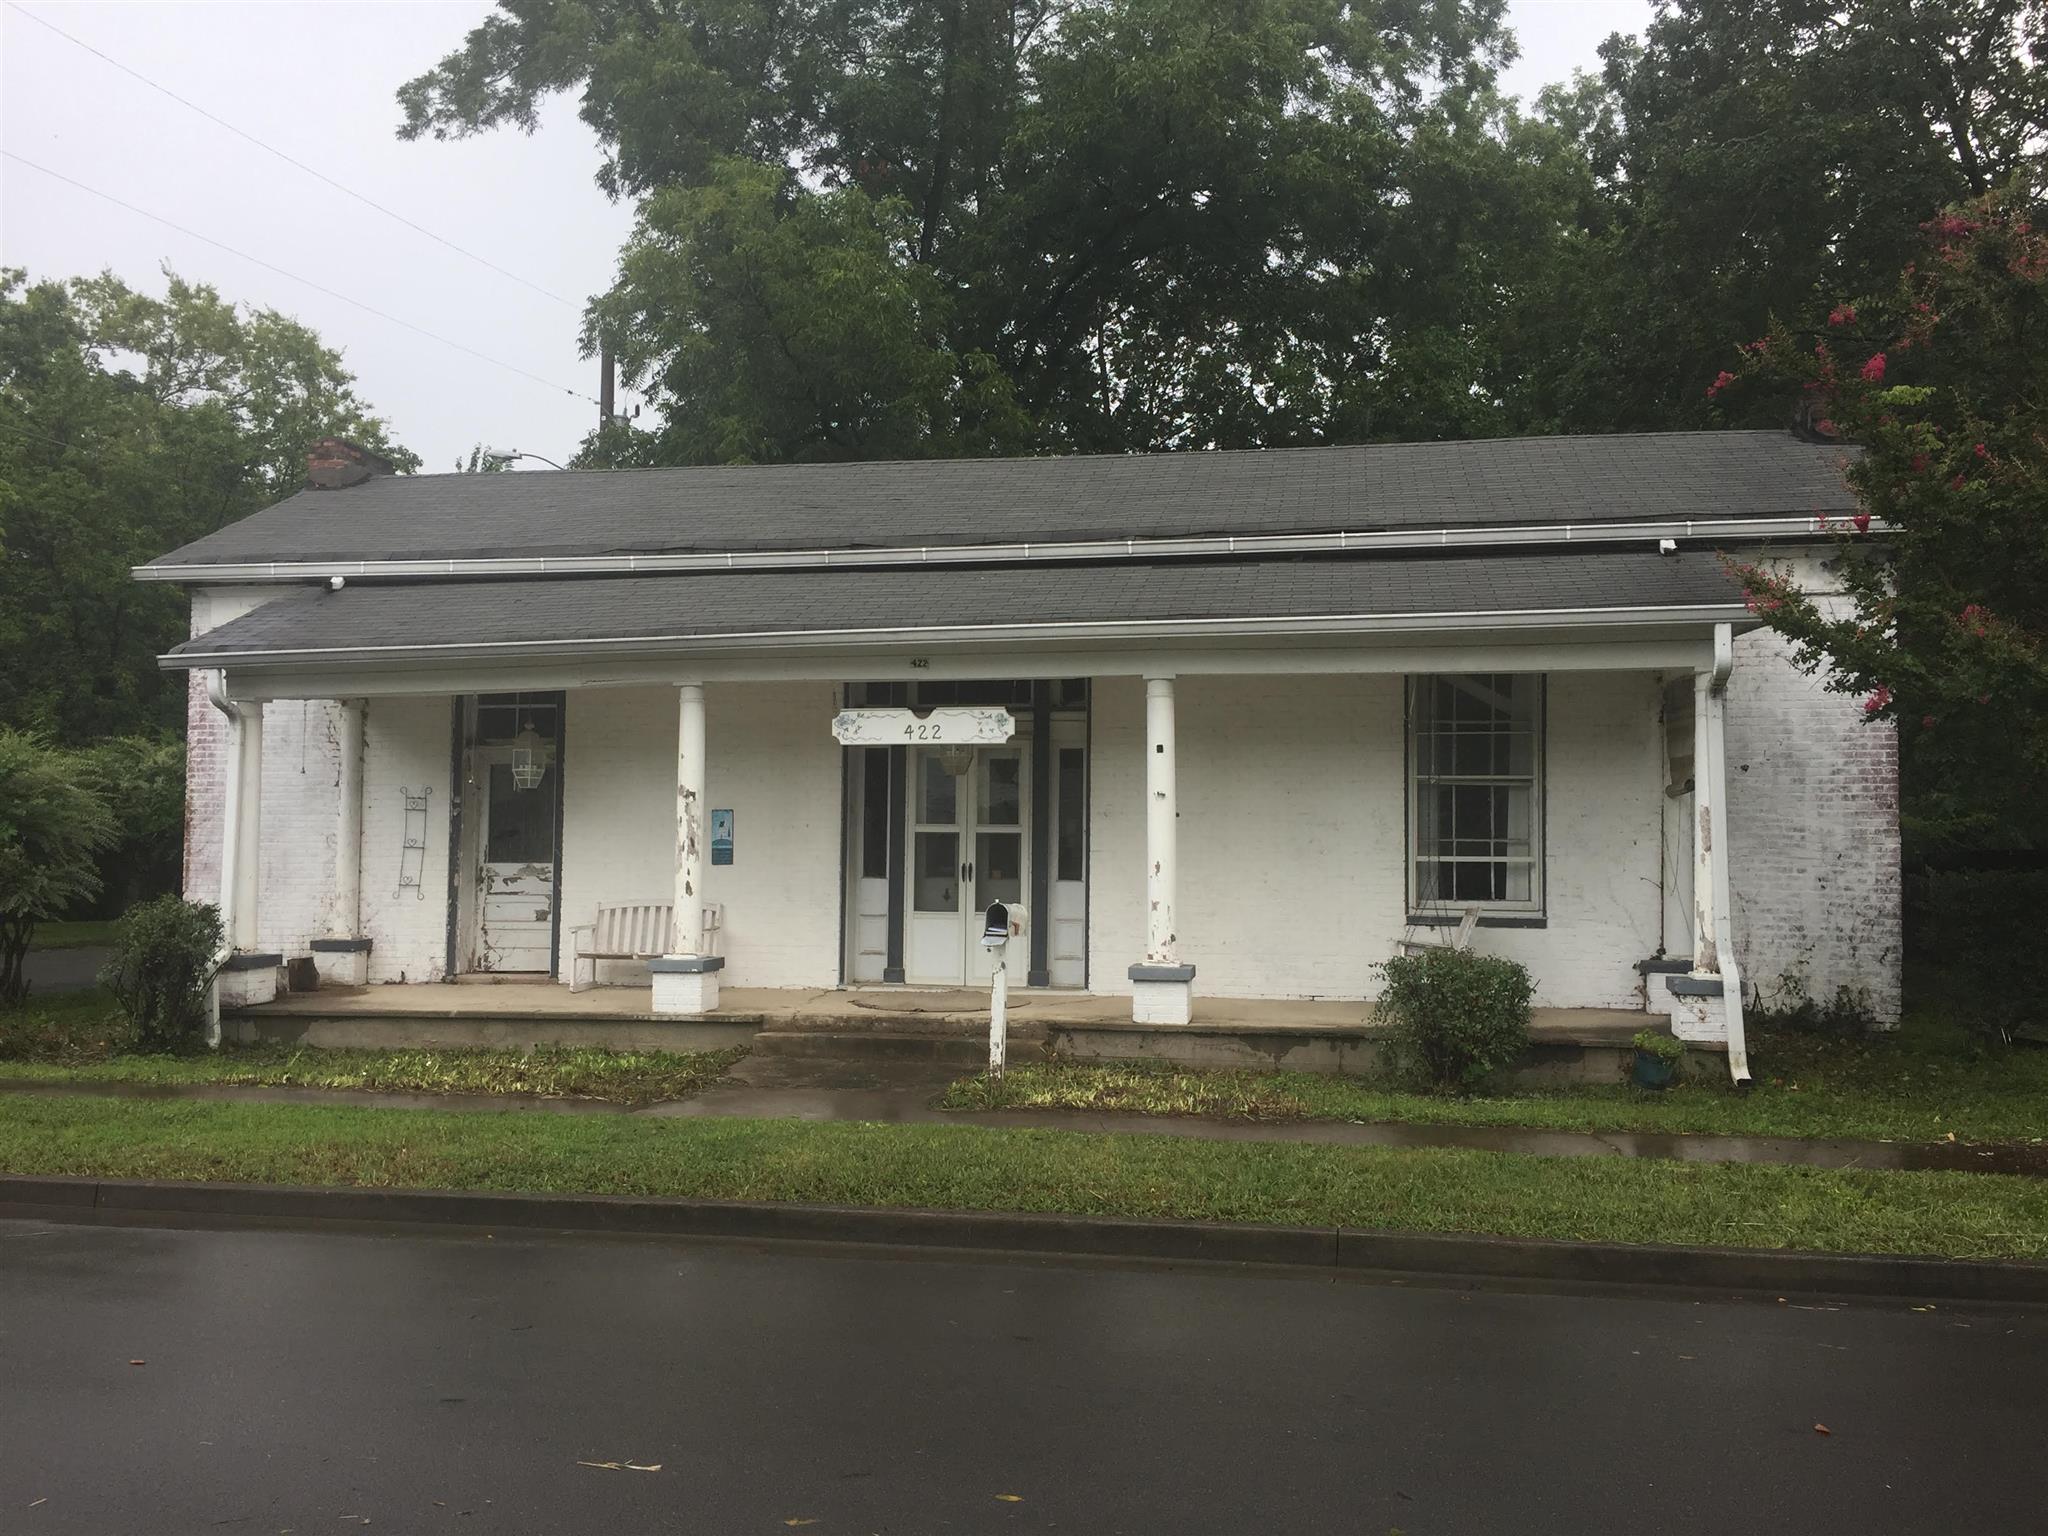 Photo of 422 N Academy St  Murfreesboro  TN